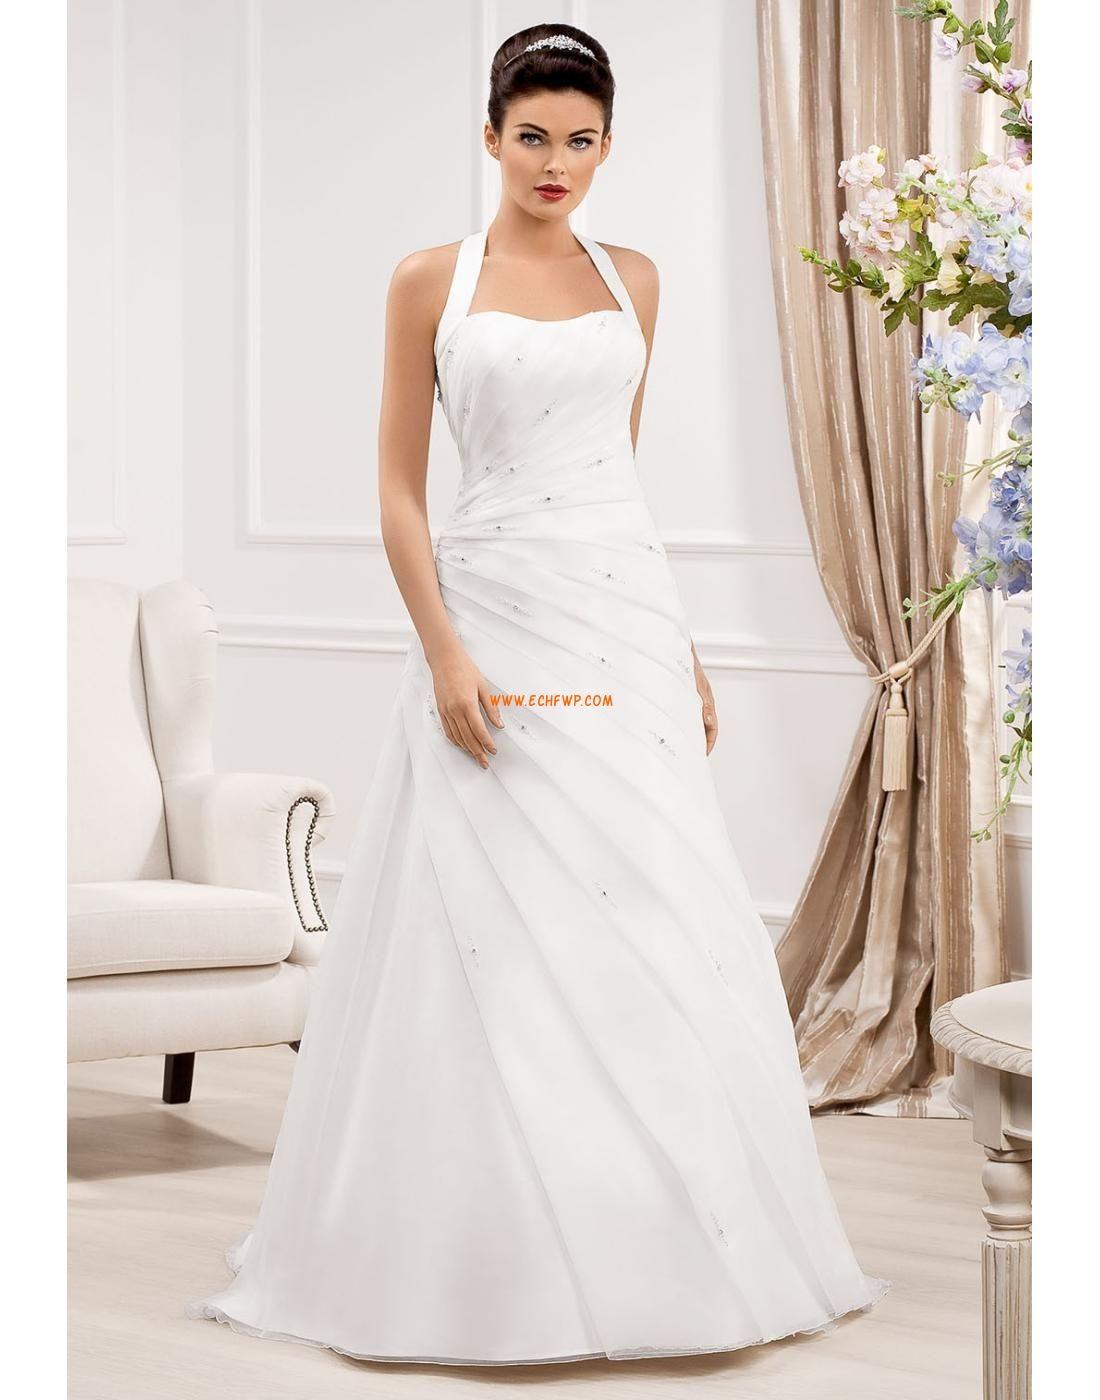 Frühling 2014 Neckholder 3/4 Arm Brautkleider 2014 | Billig ...